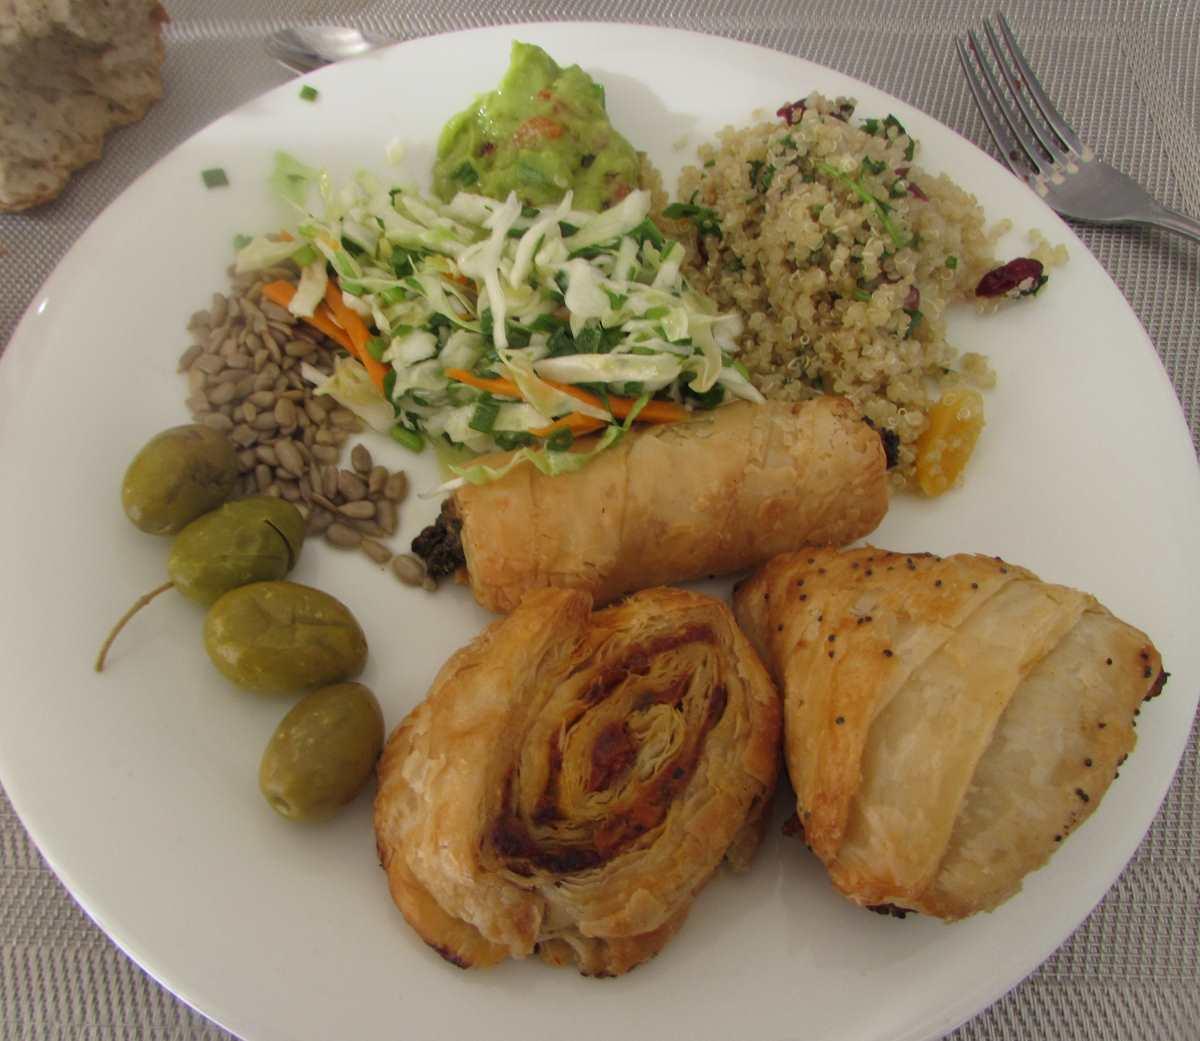 בורקסים, סלט כרוב, טאבולה, גרעינים קלופים ארוחת בוקר מלון הרודס ים המלח